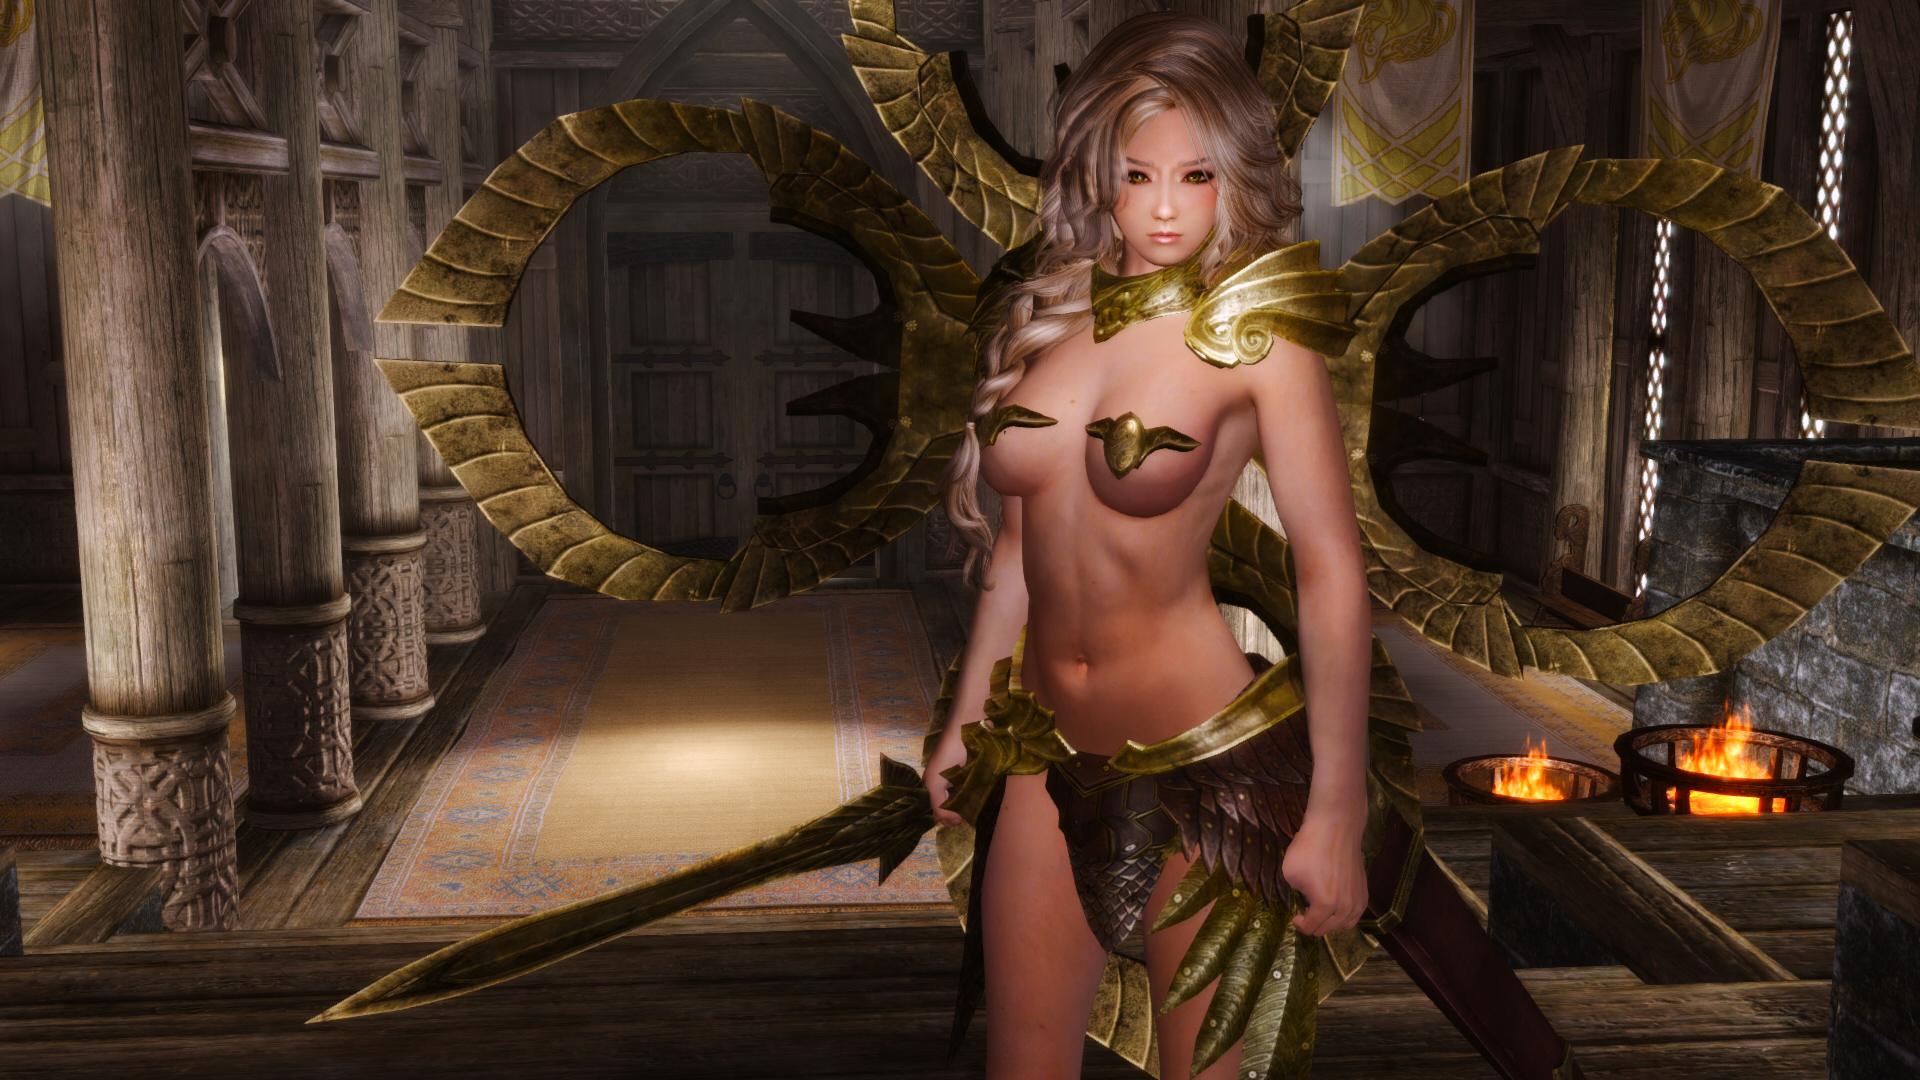 Elven sex video exposed girlfriends